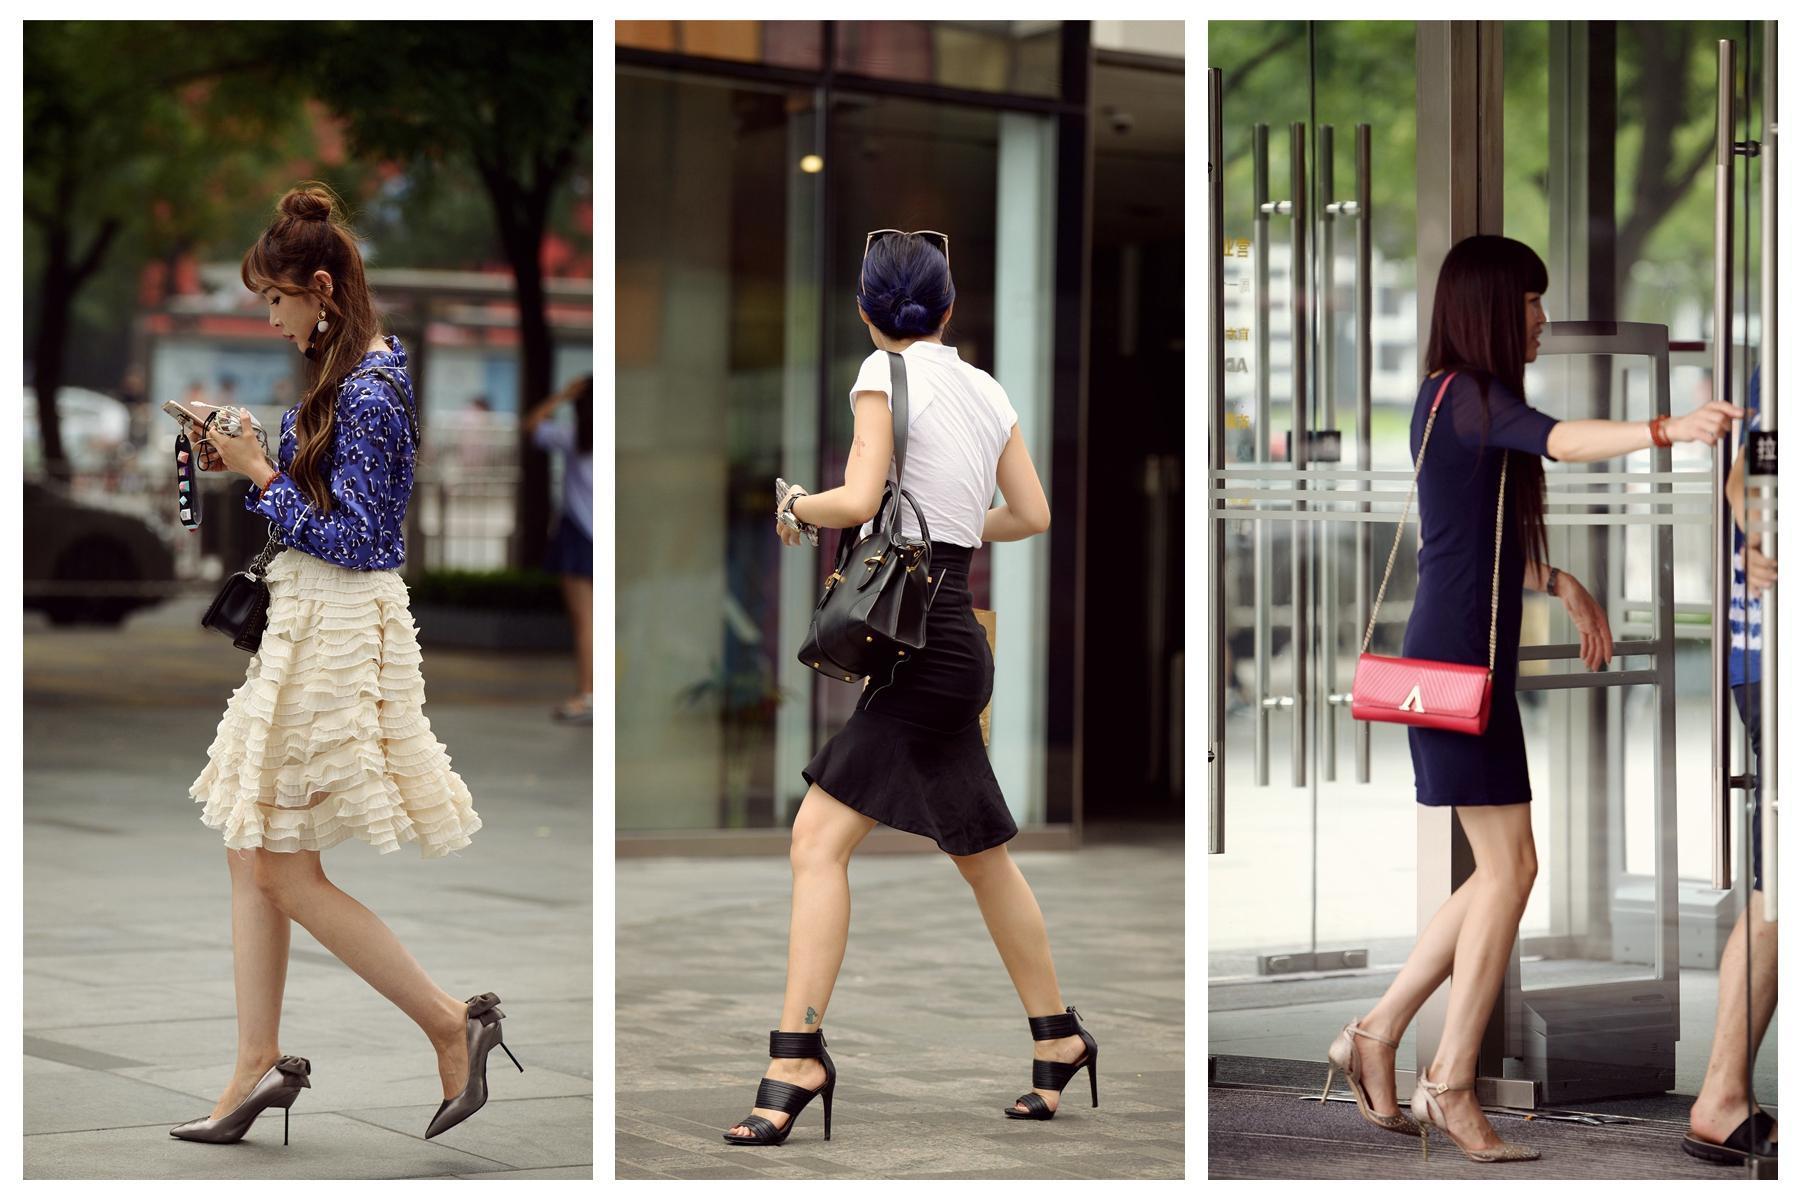 [原创]穿高跟鞋的女人最美,最喜欢图六姐姐的荷叶边包臀裙搭配(图)